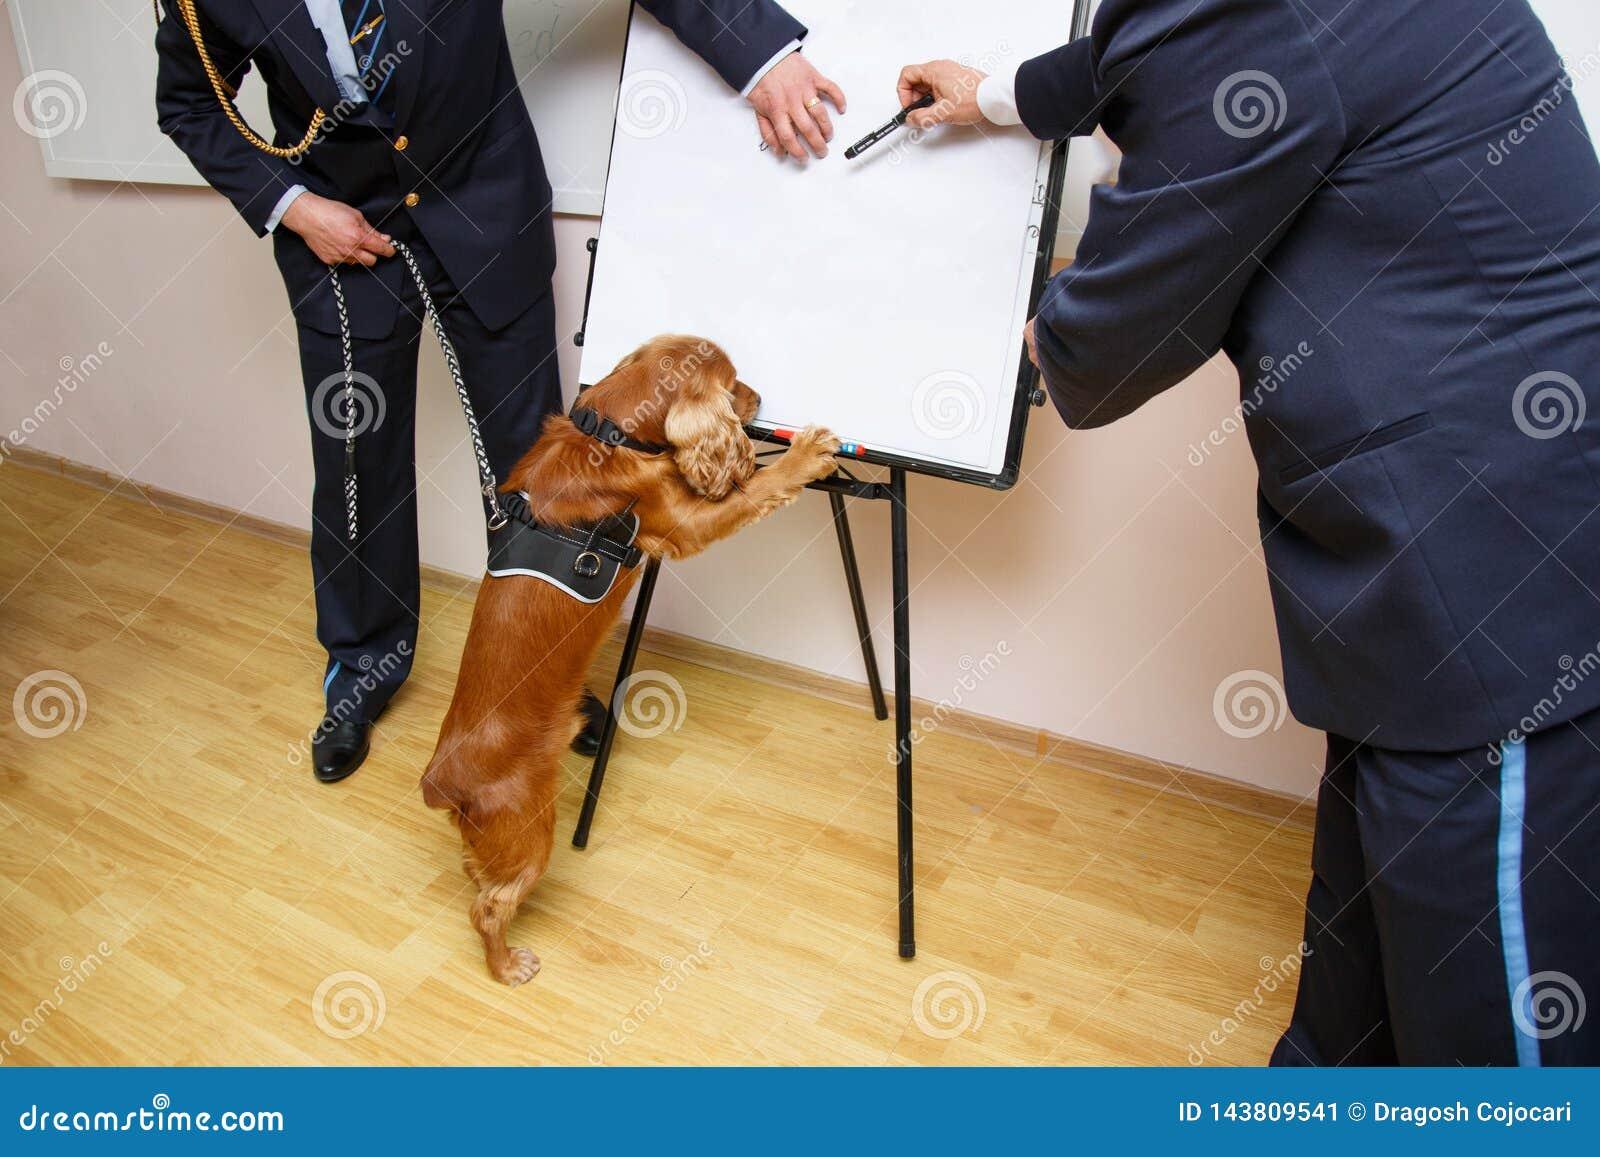 Um cão de cocker spaniel para a detecção de droga assentado no escritório de alfândega com as patas na tabela, perto do empregado